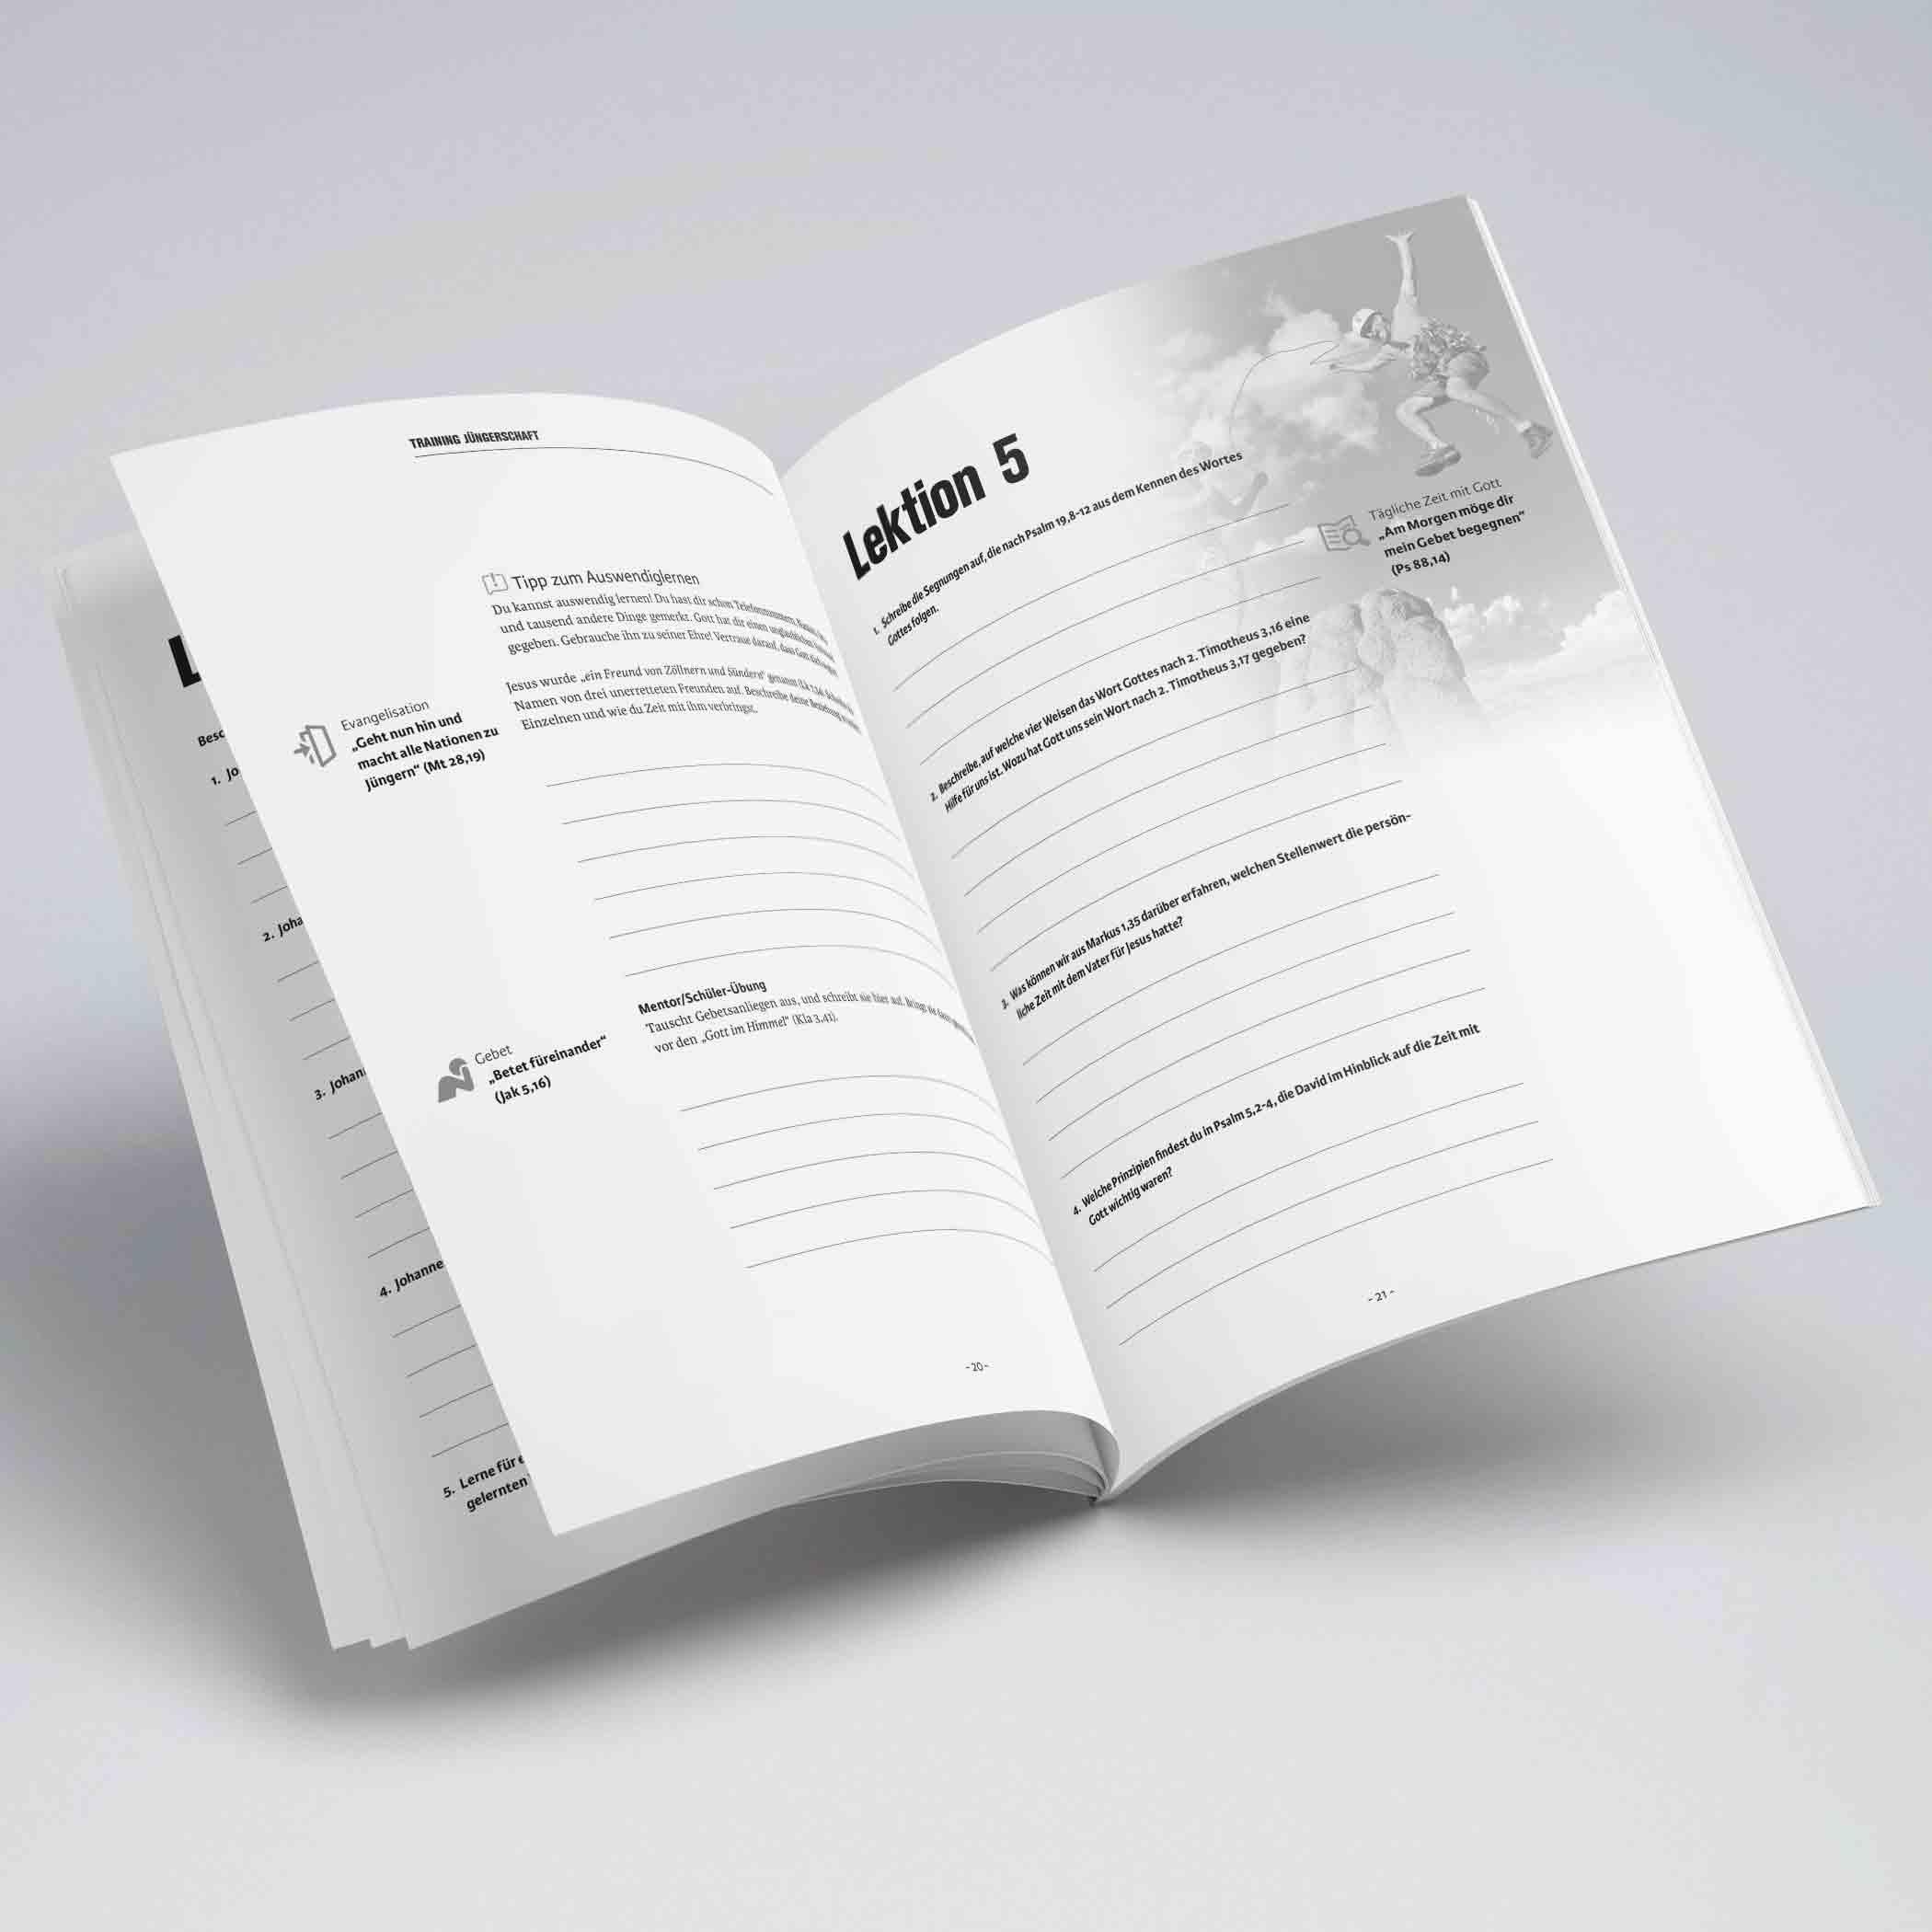 Tolle 360 Bewertungsvorlage Ideen - Beispiel Wiederaufnahme Vorlagen ...